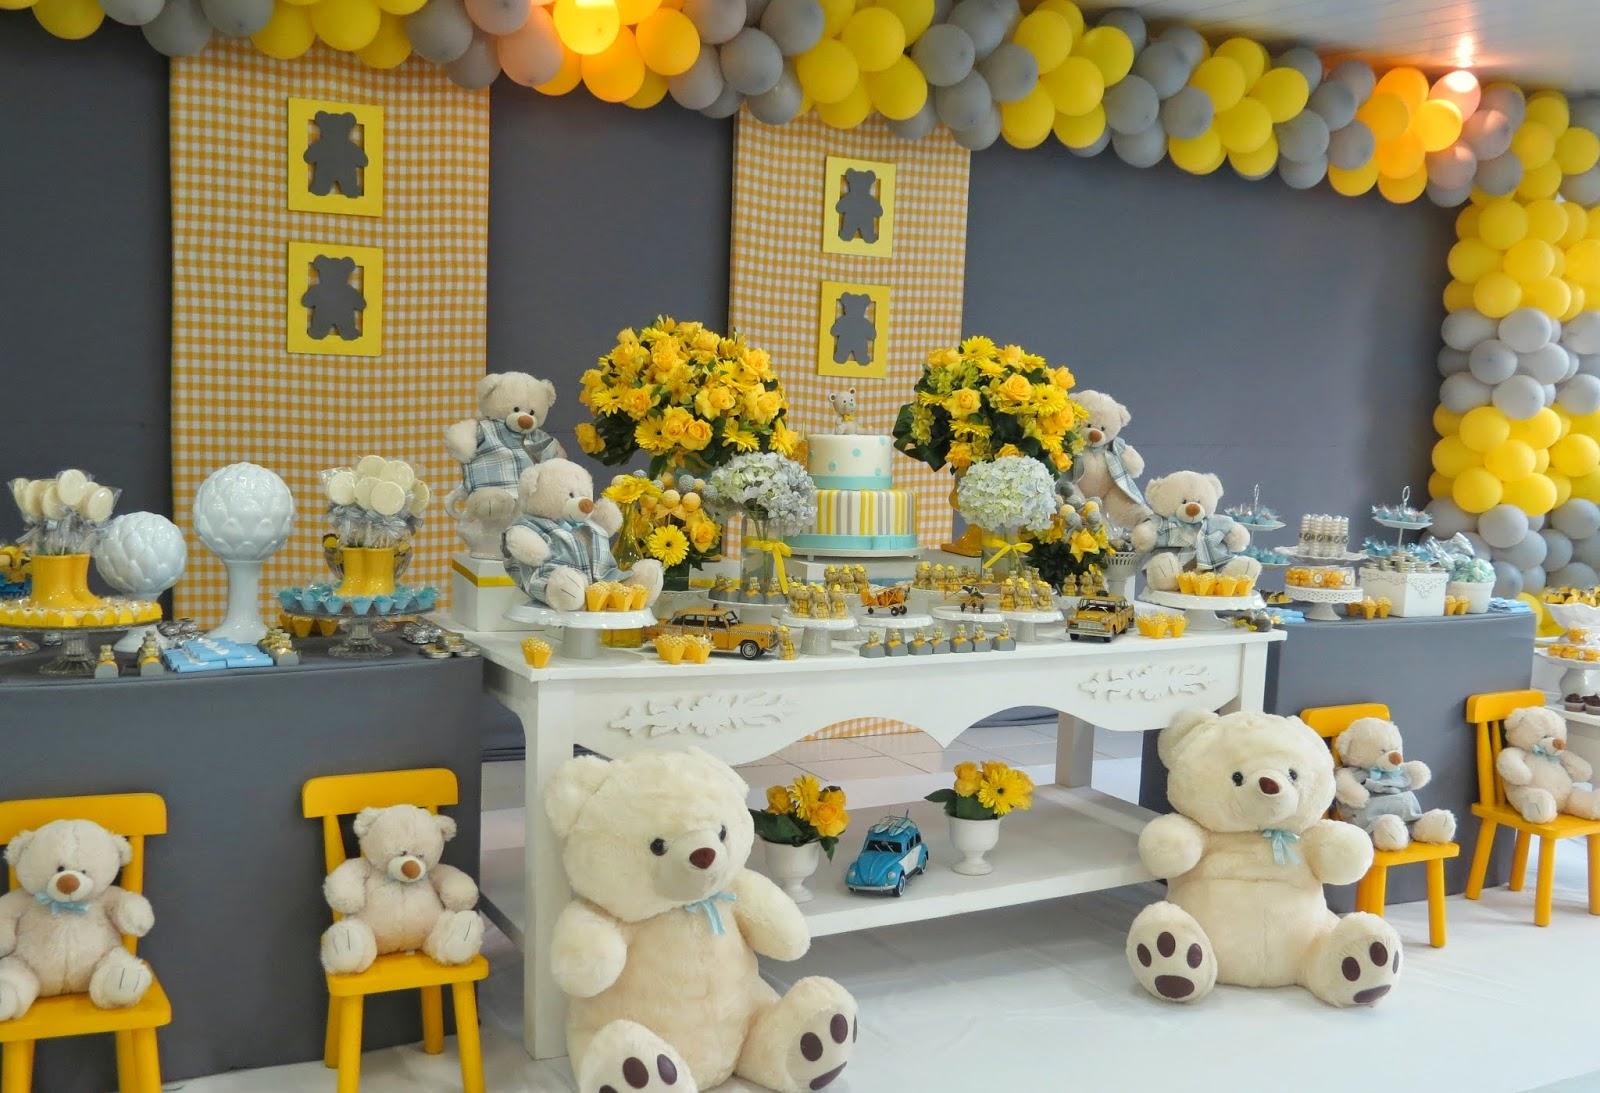 Provençal Site Oficial: Ursinho amarelo e cinza com muito estilo #B98D12 1600x1093 Banheiro Amarelo E Cinza